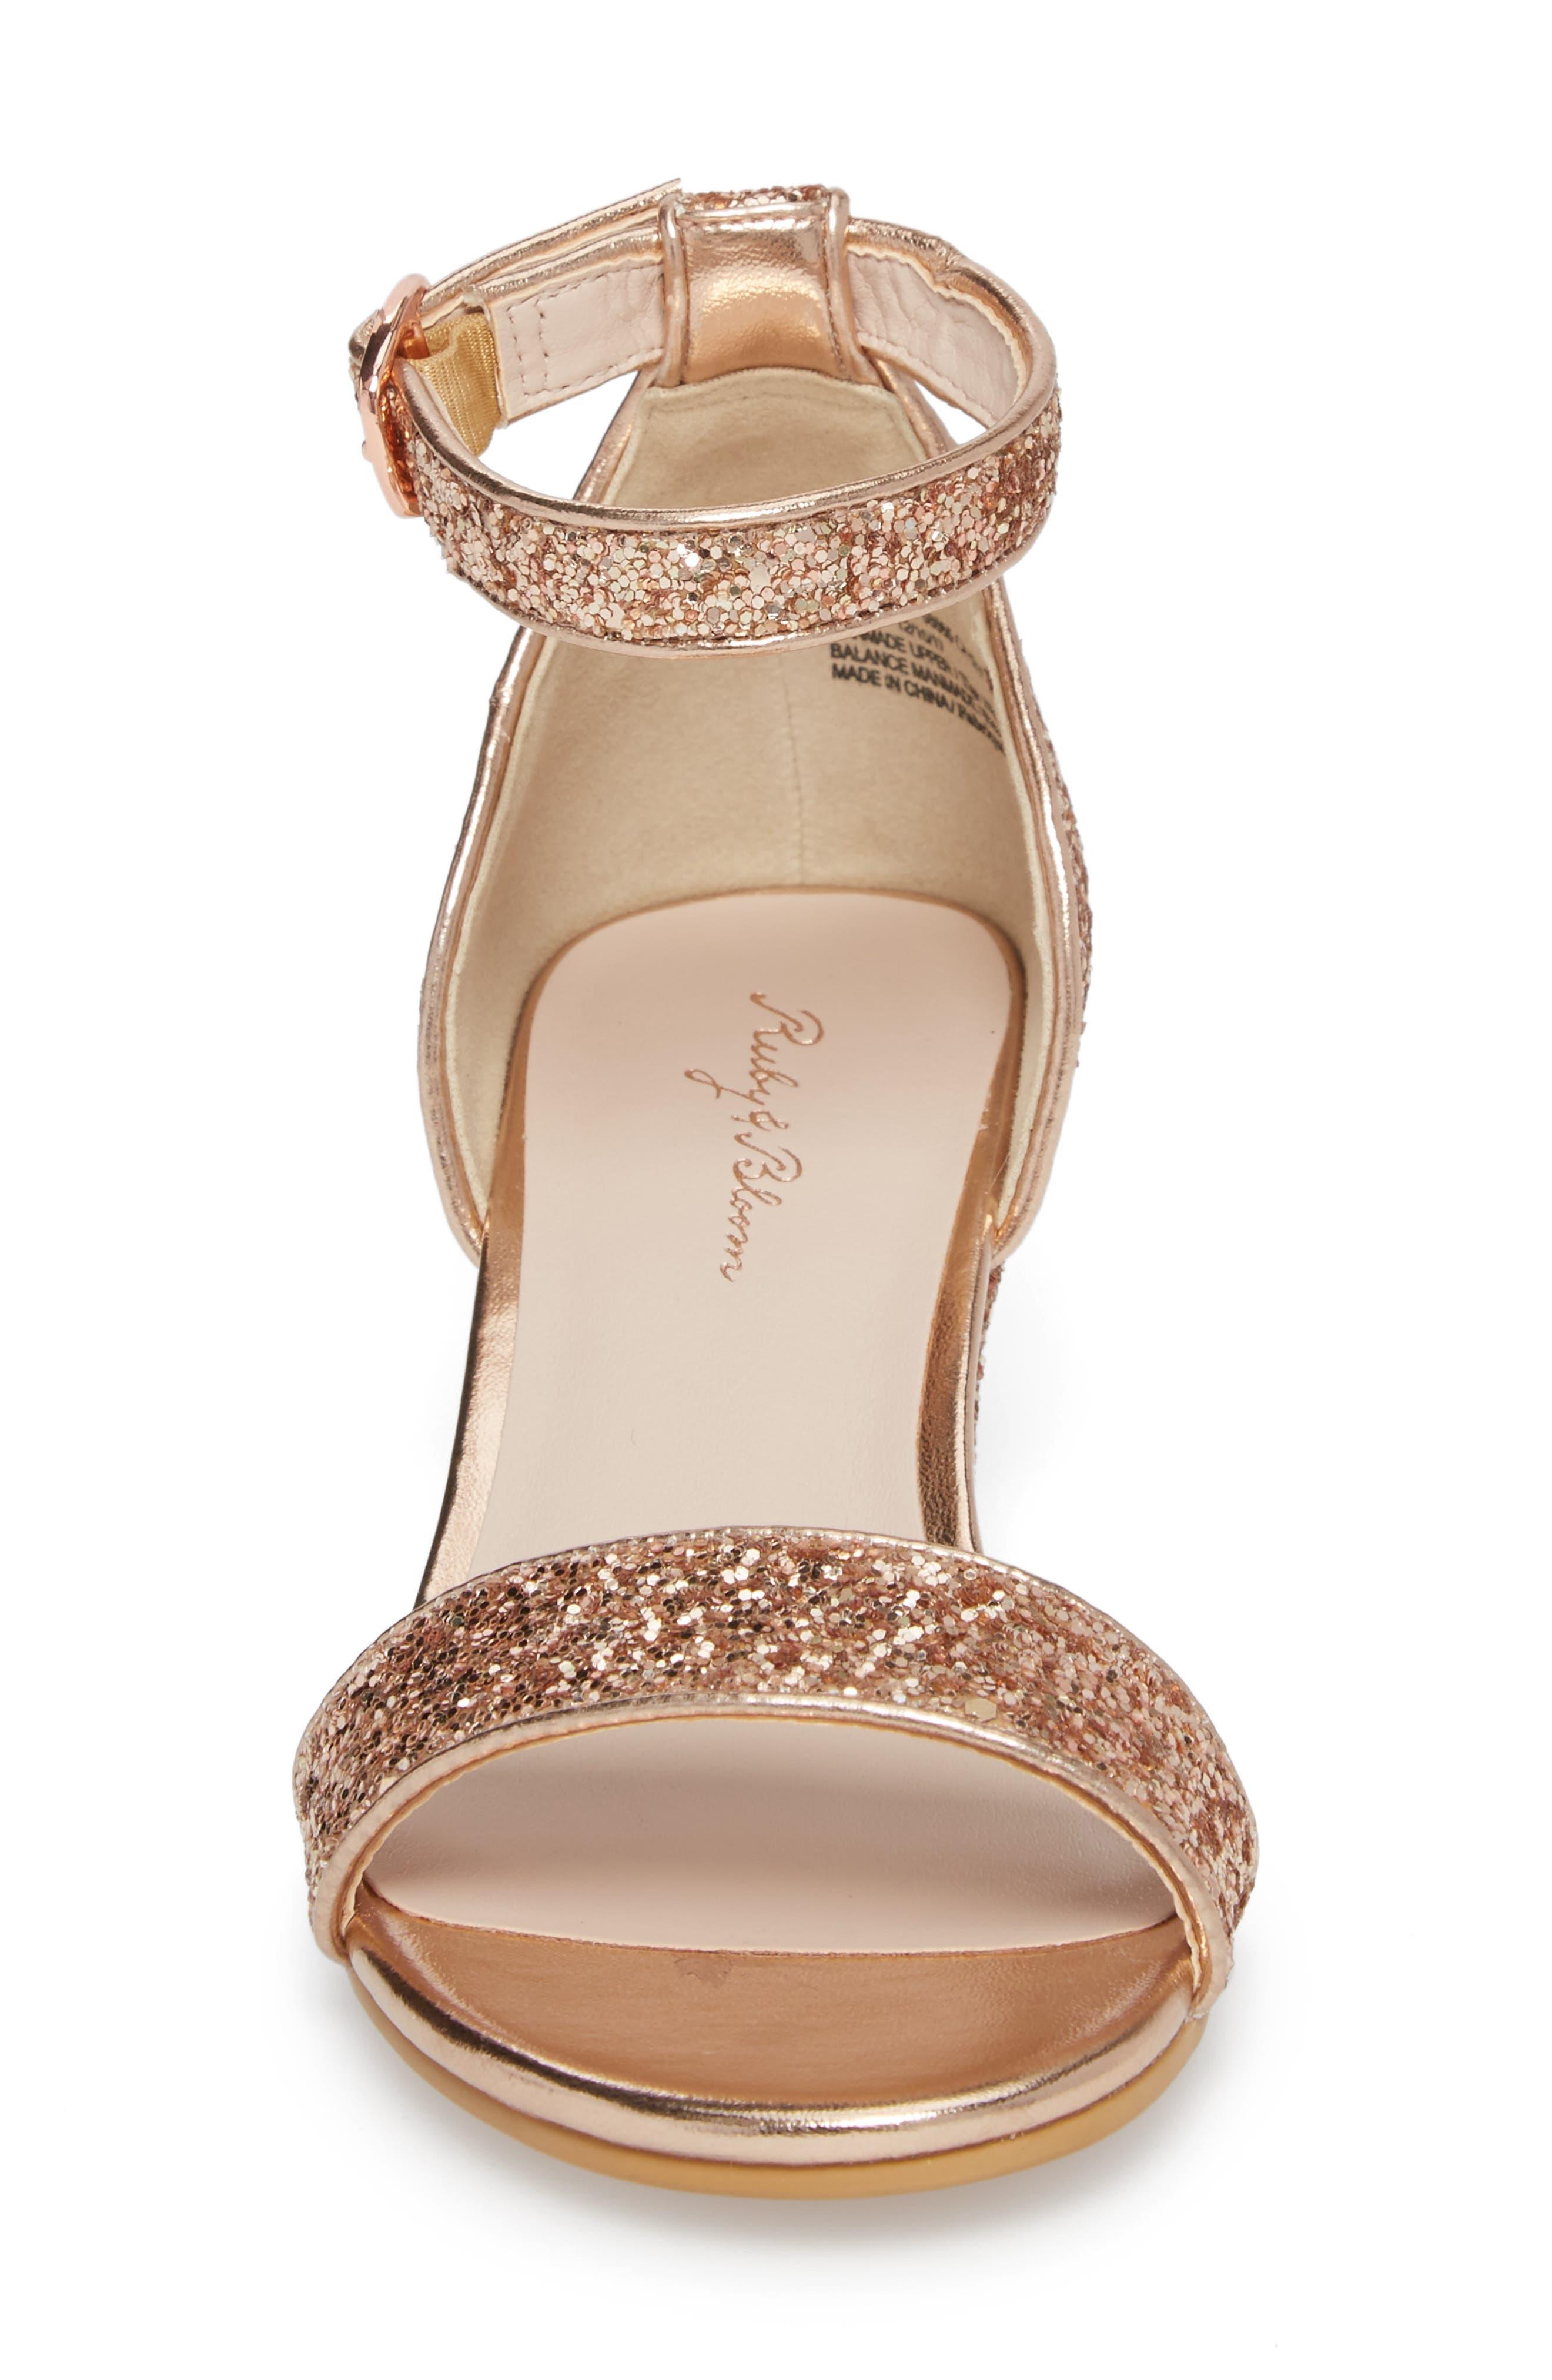 Remi Wedge Sandal,                             Alternate thumbnail 4, color,                             Rose Gold Glitter